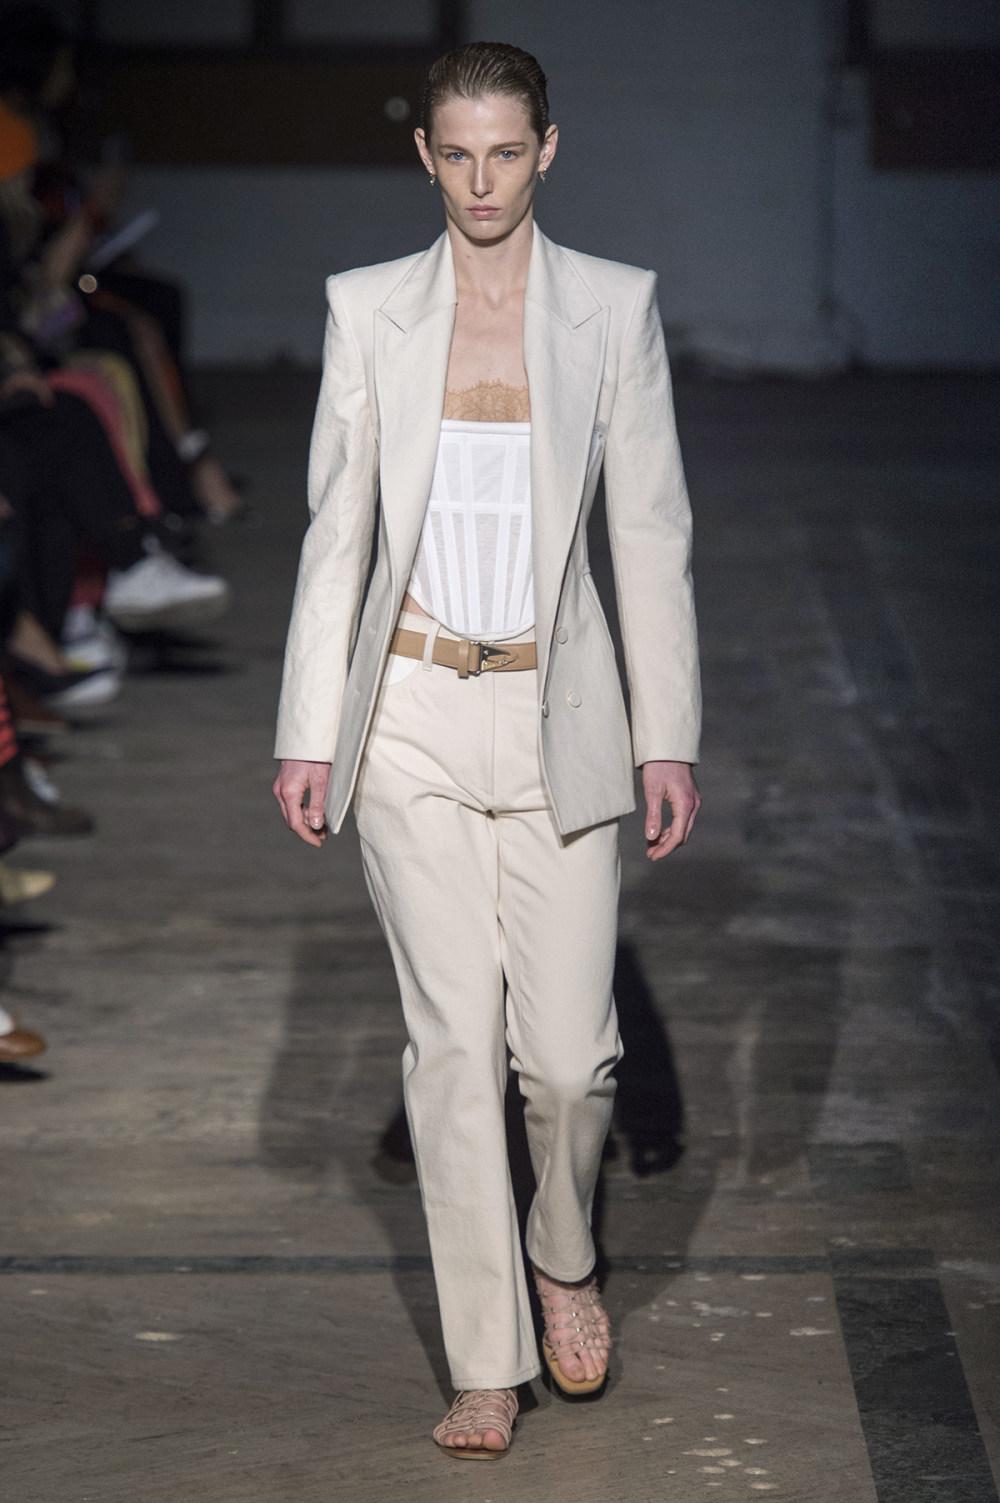 Dion Lee没有紧身衣的连衣裙被聚集或扭曲保持调色板的简约和奢华-1.jpg